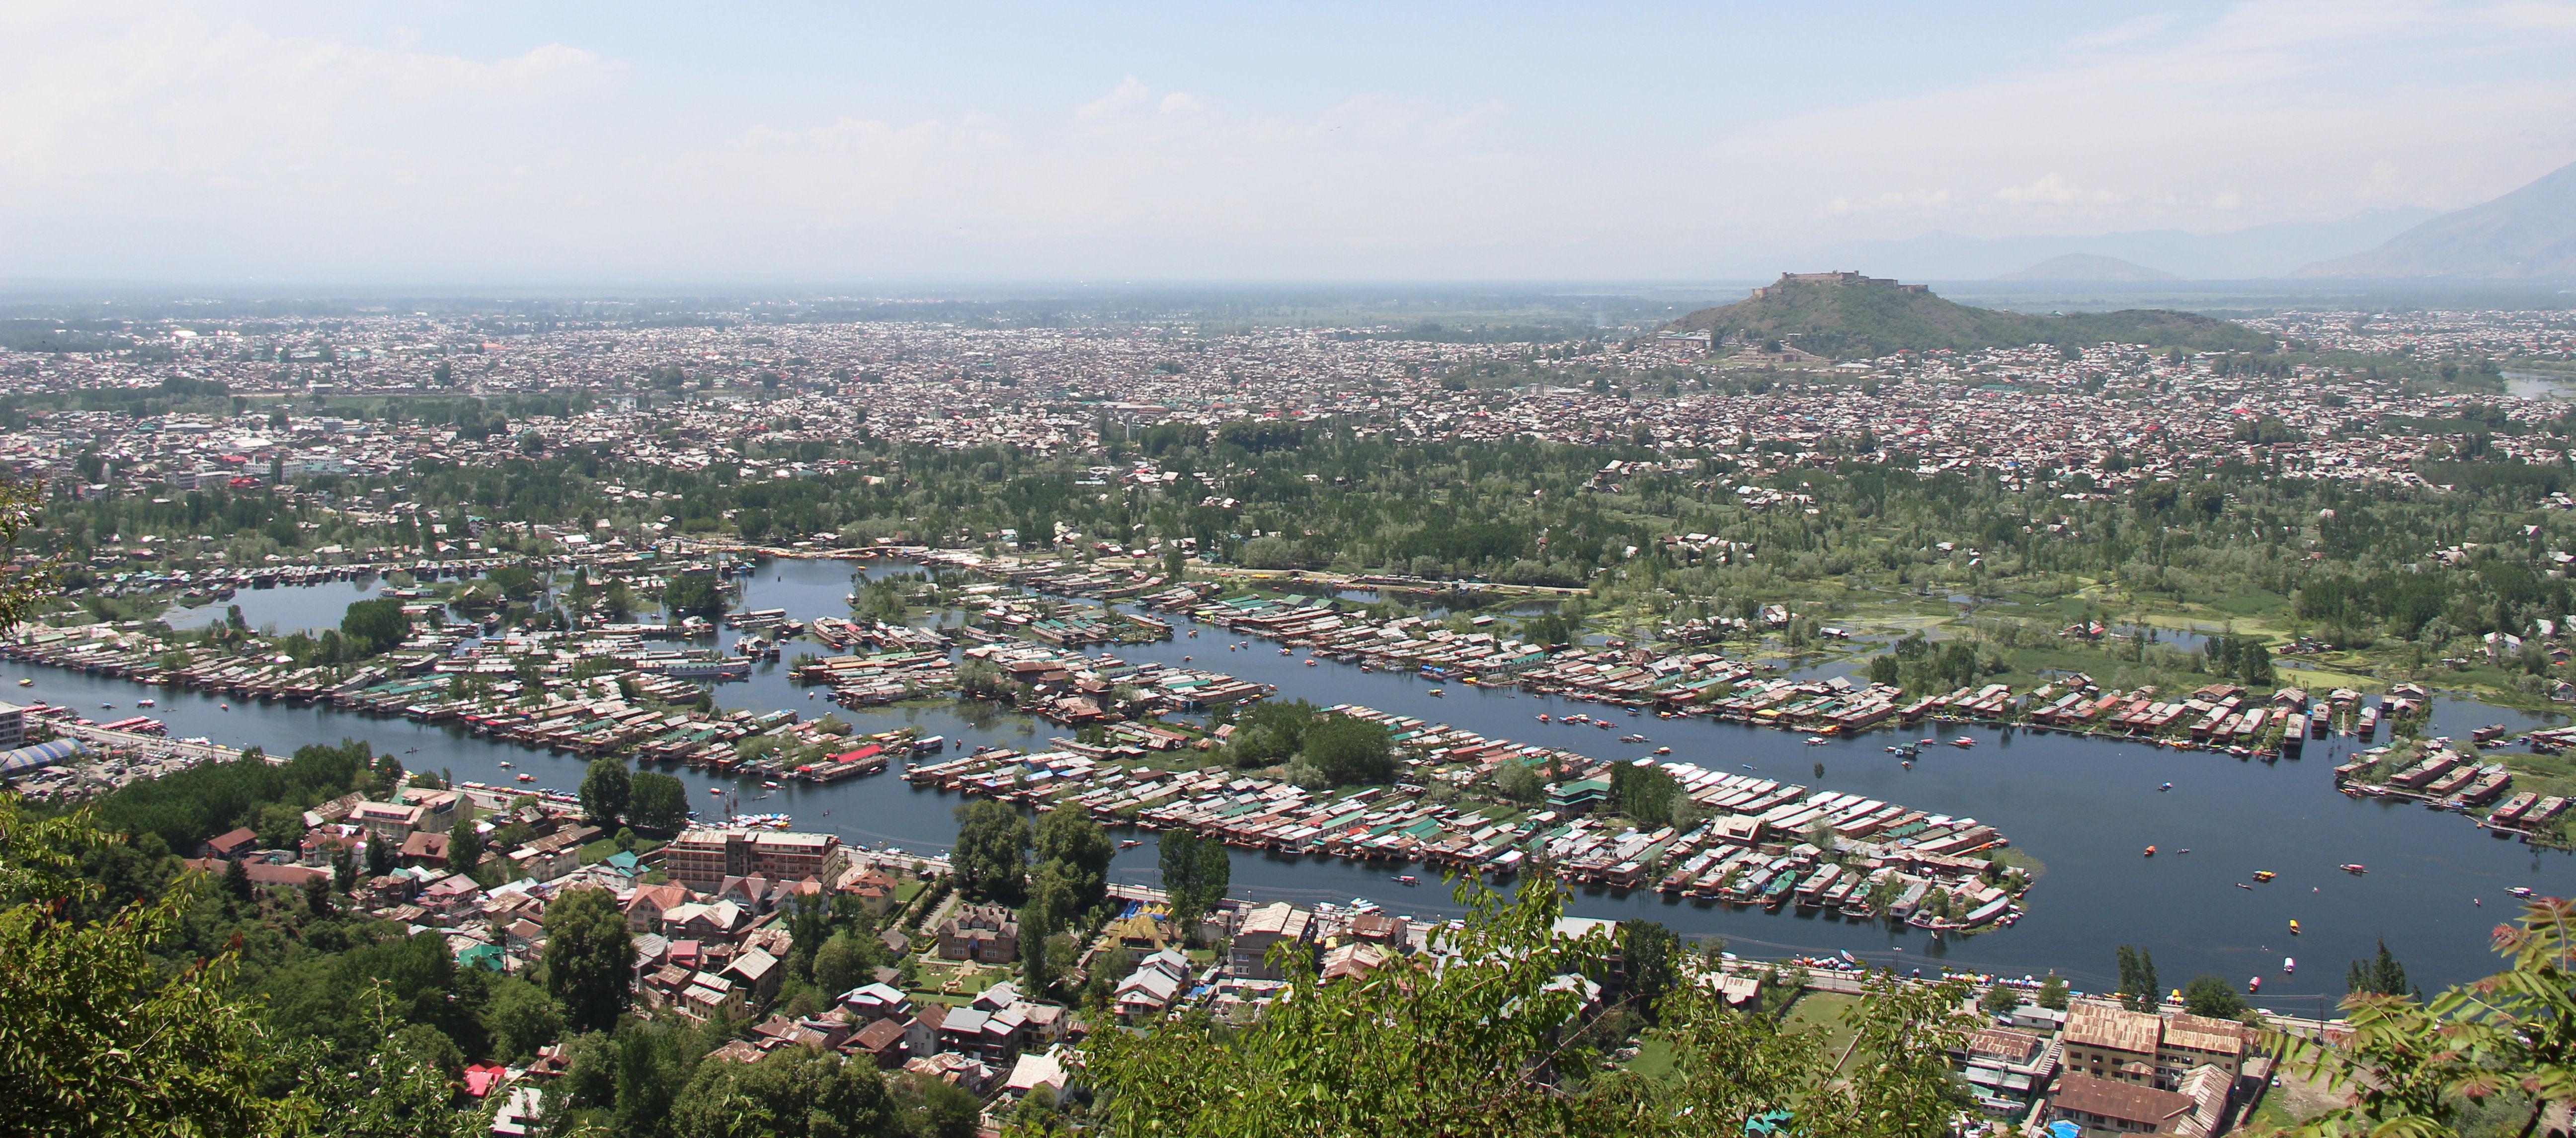 Kashmir landscape - India - Global Landscapes Forum